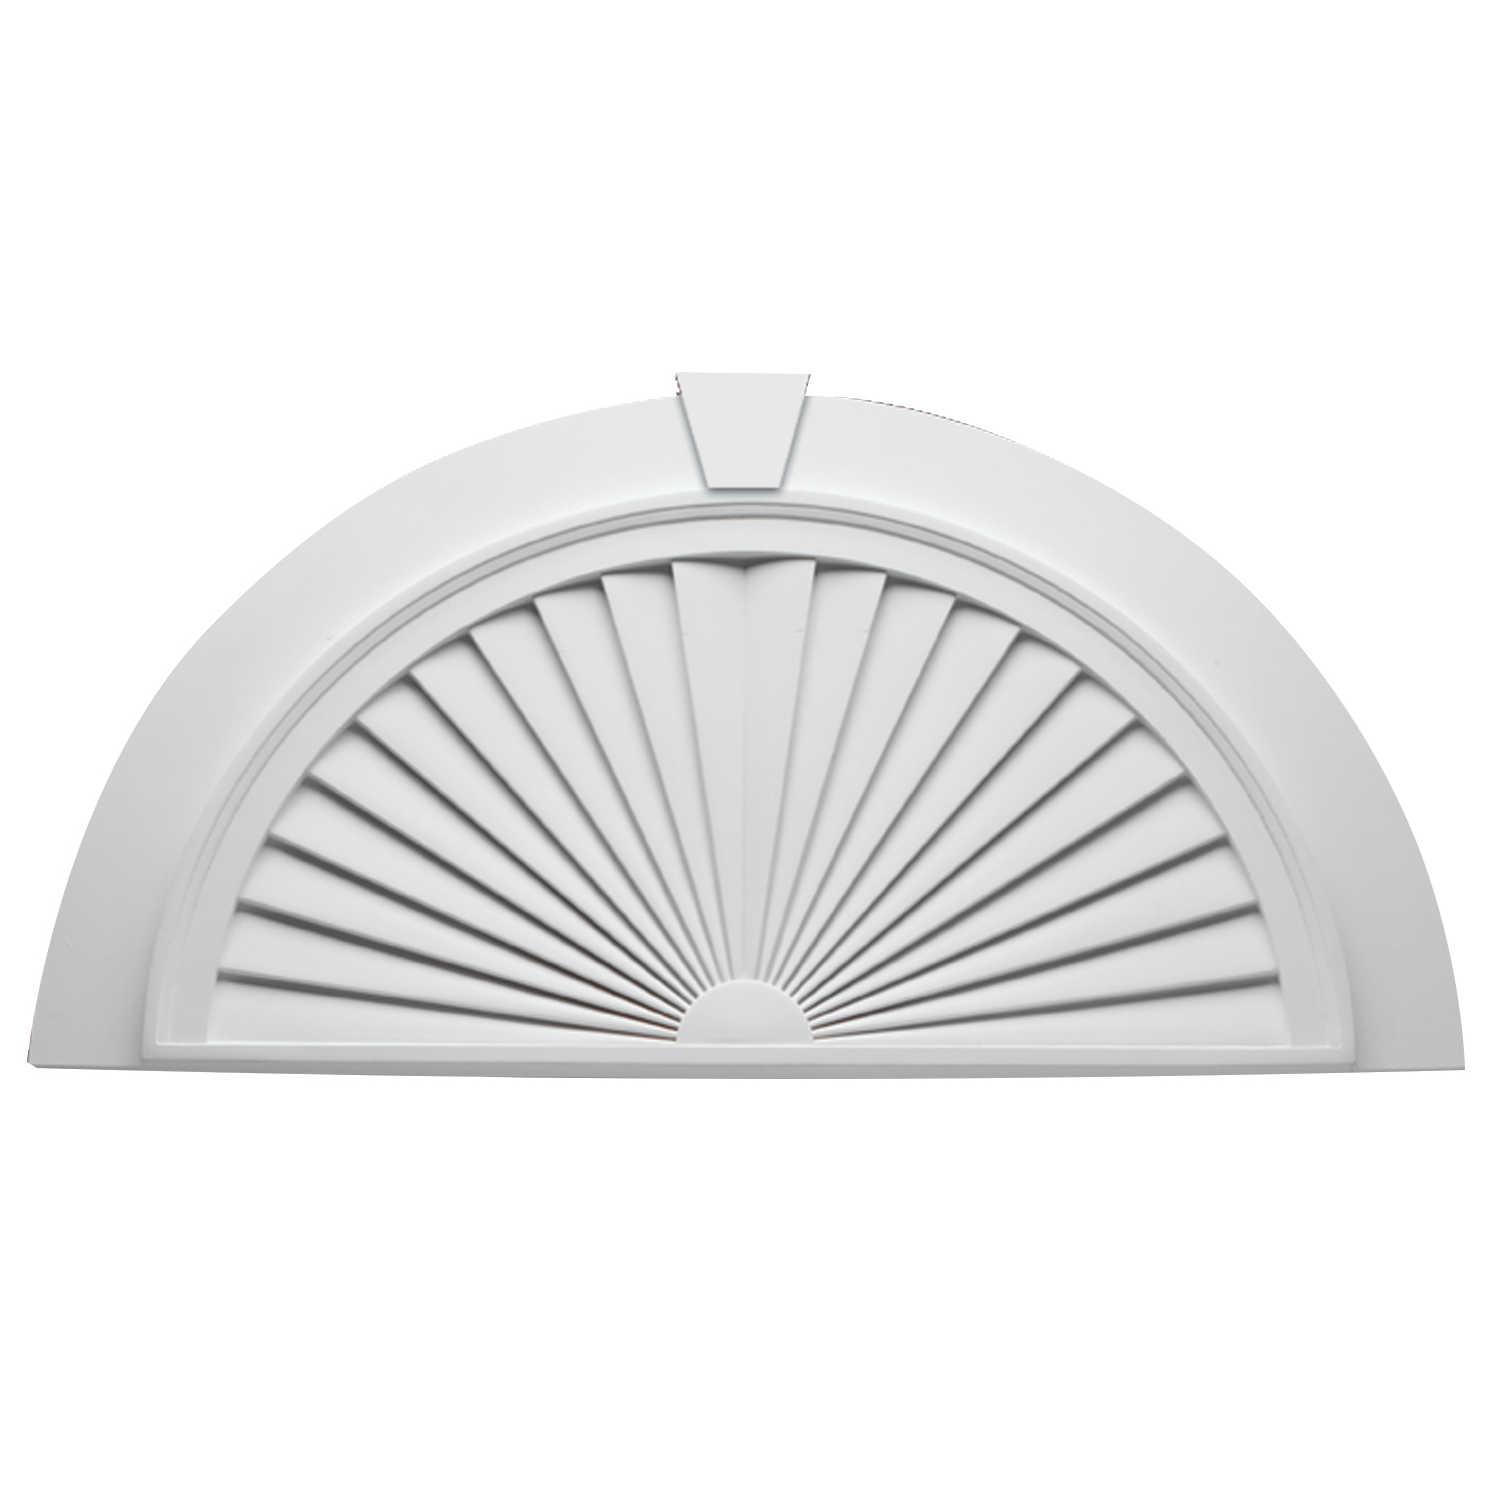 Fypon polyurethane half round sunburst with flat trim and for Fypon dentil molding